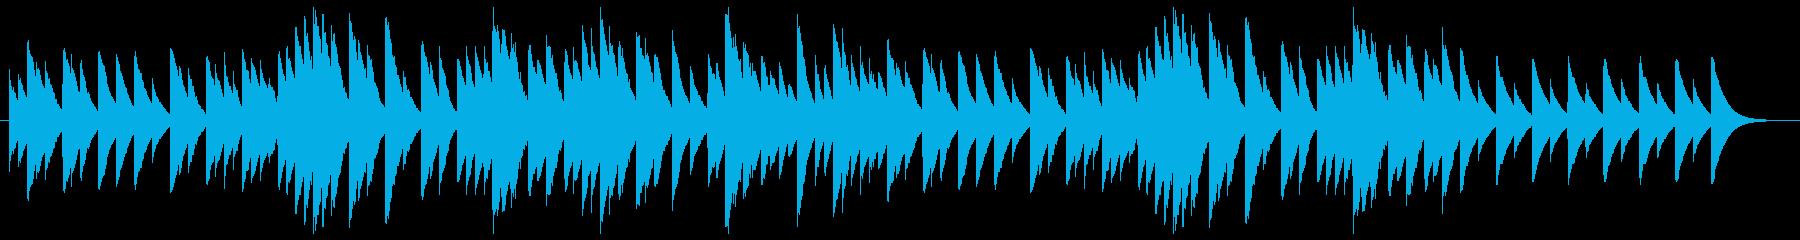 ミステリーのオルゴールのようなサウンドの再生済みの波形